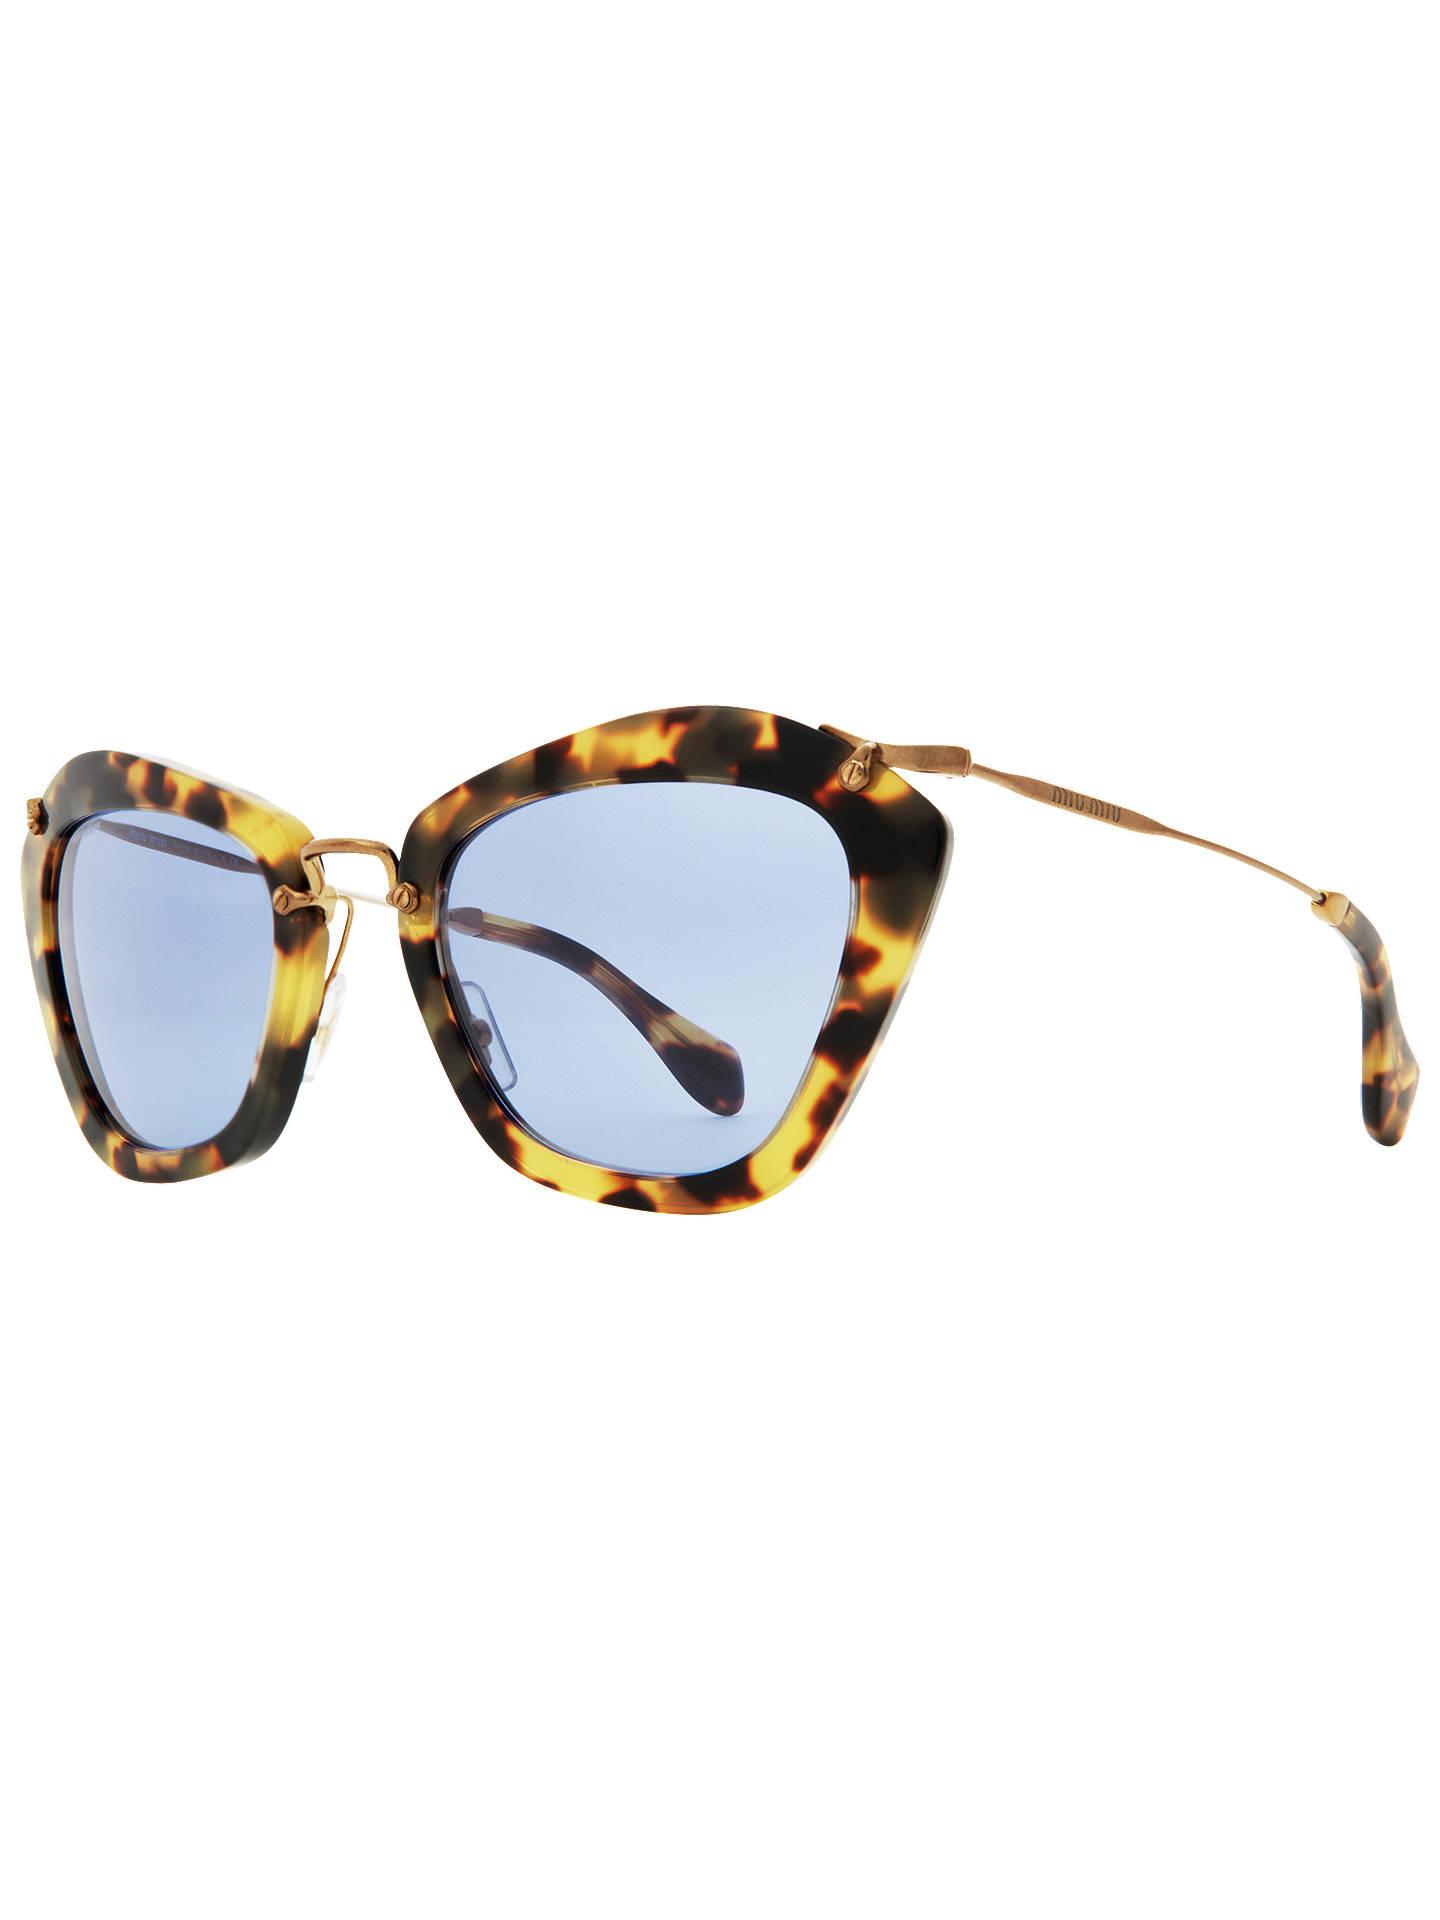 ca0da1240d0 BuyMiu Miu MU10NS 7S00A2 Octagonal Acetate Framed Sunglasses